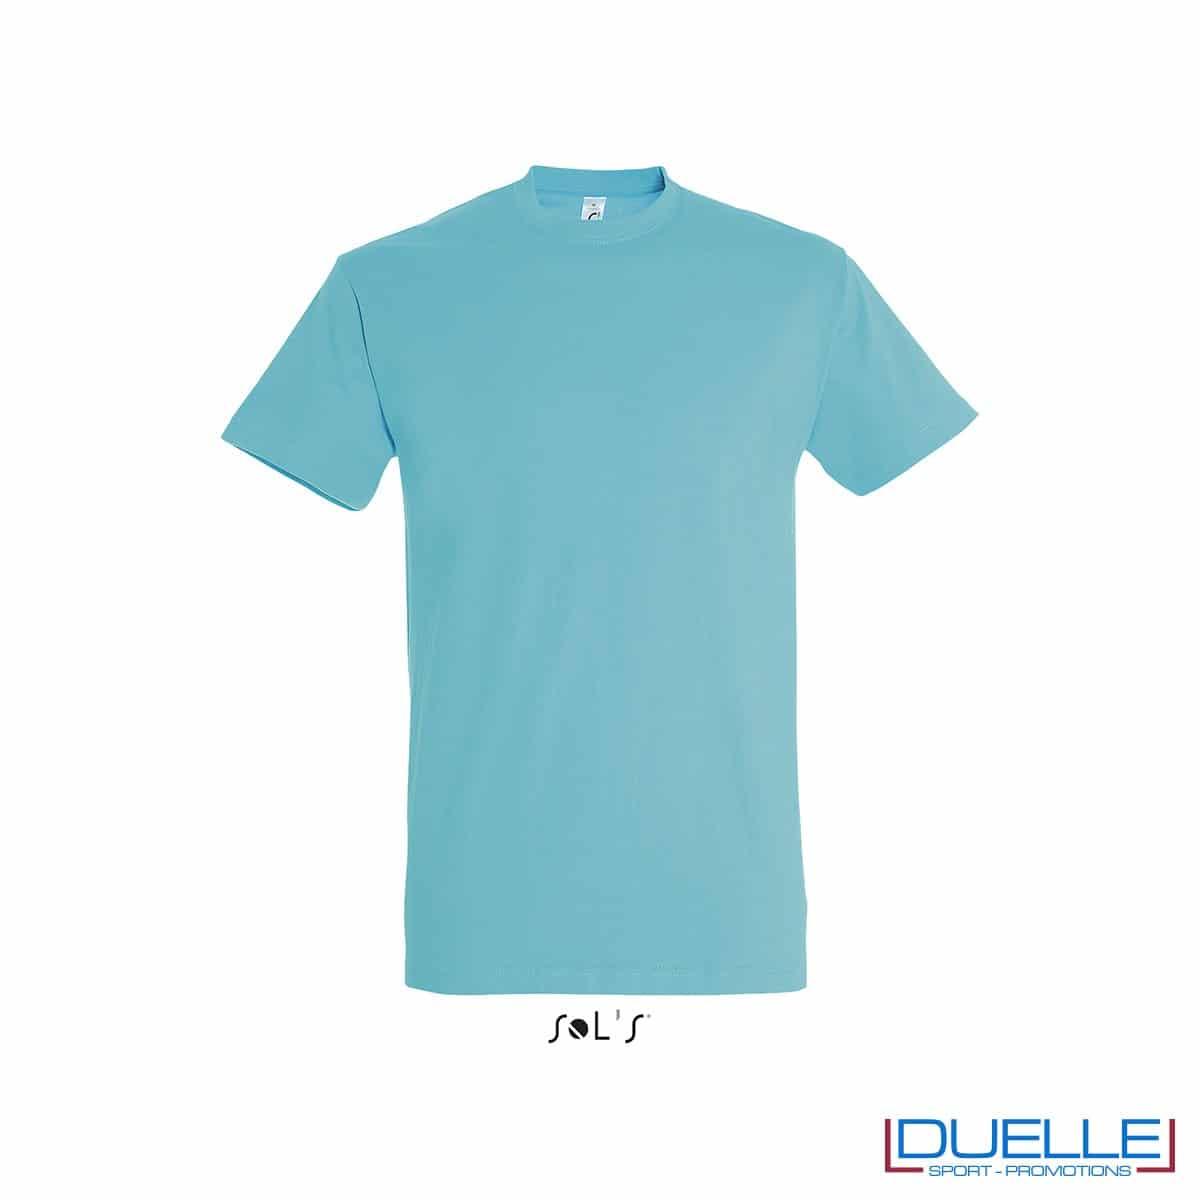 T-shirt in cotone pesante blu atollo personalizzata con stampa o ricamo